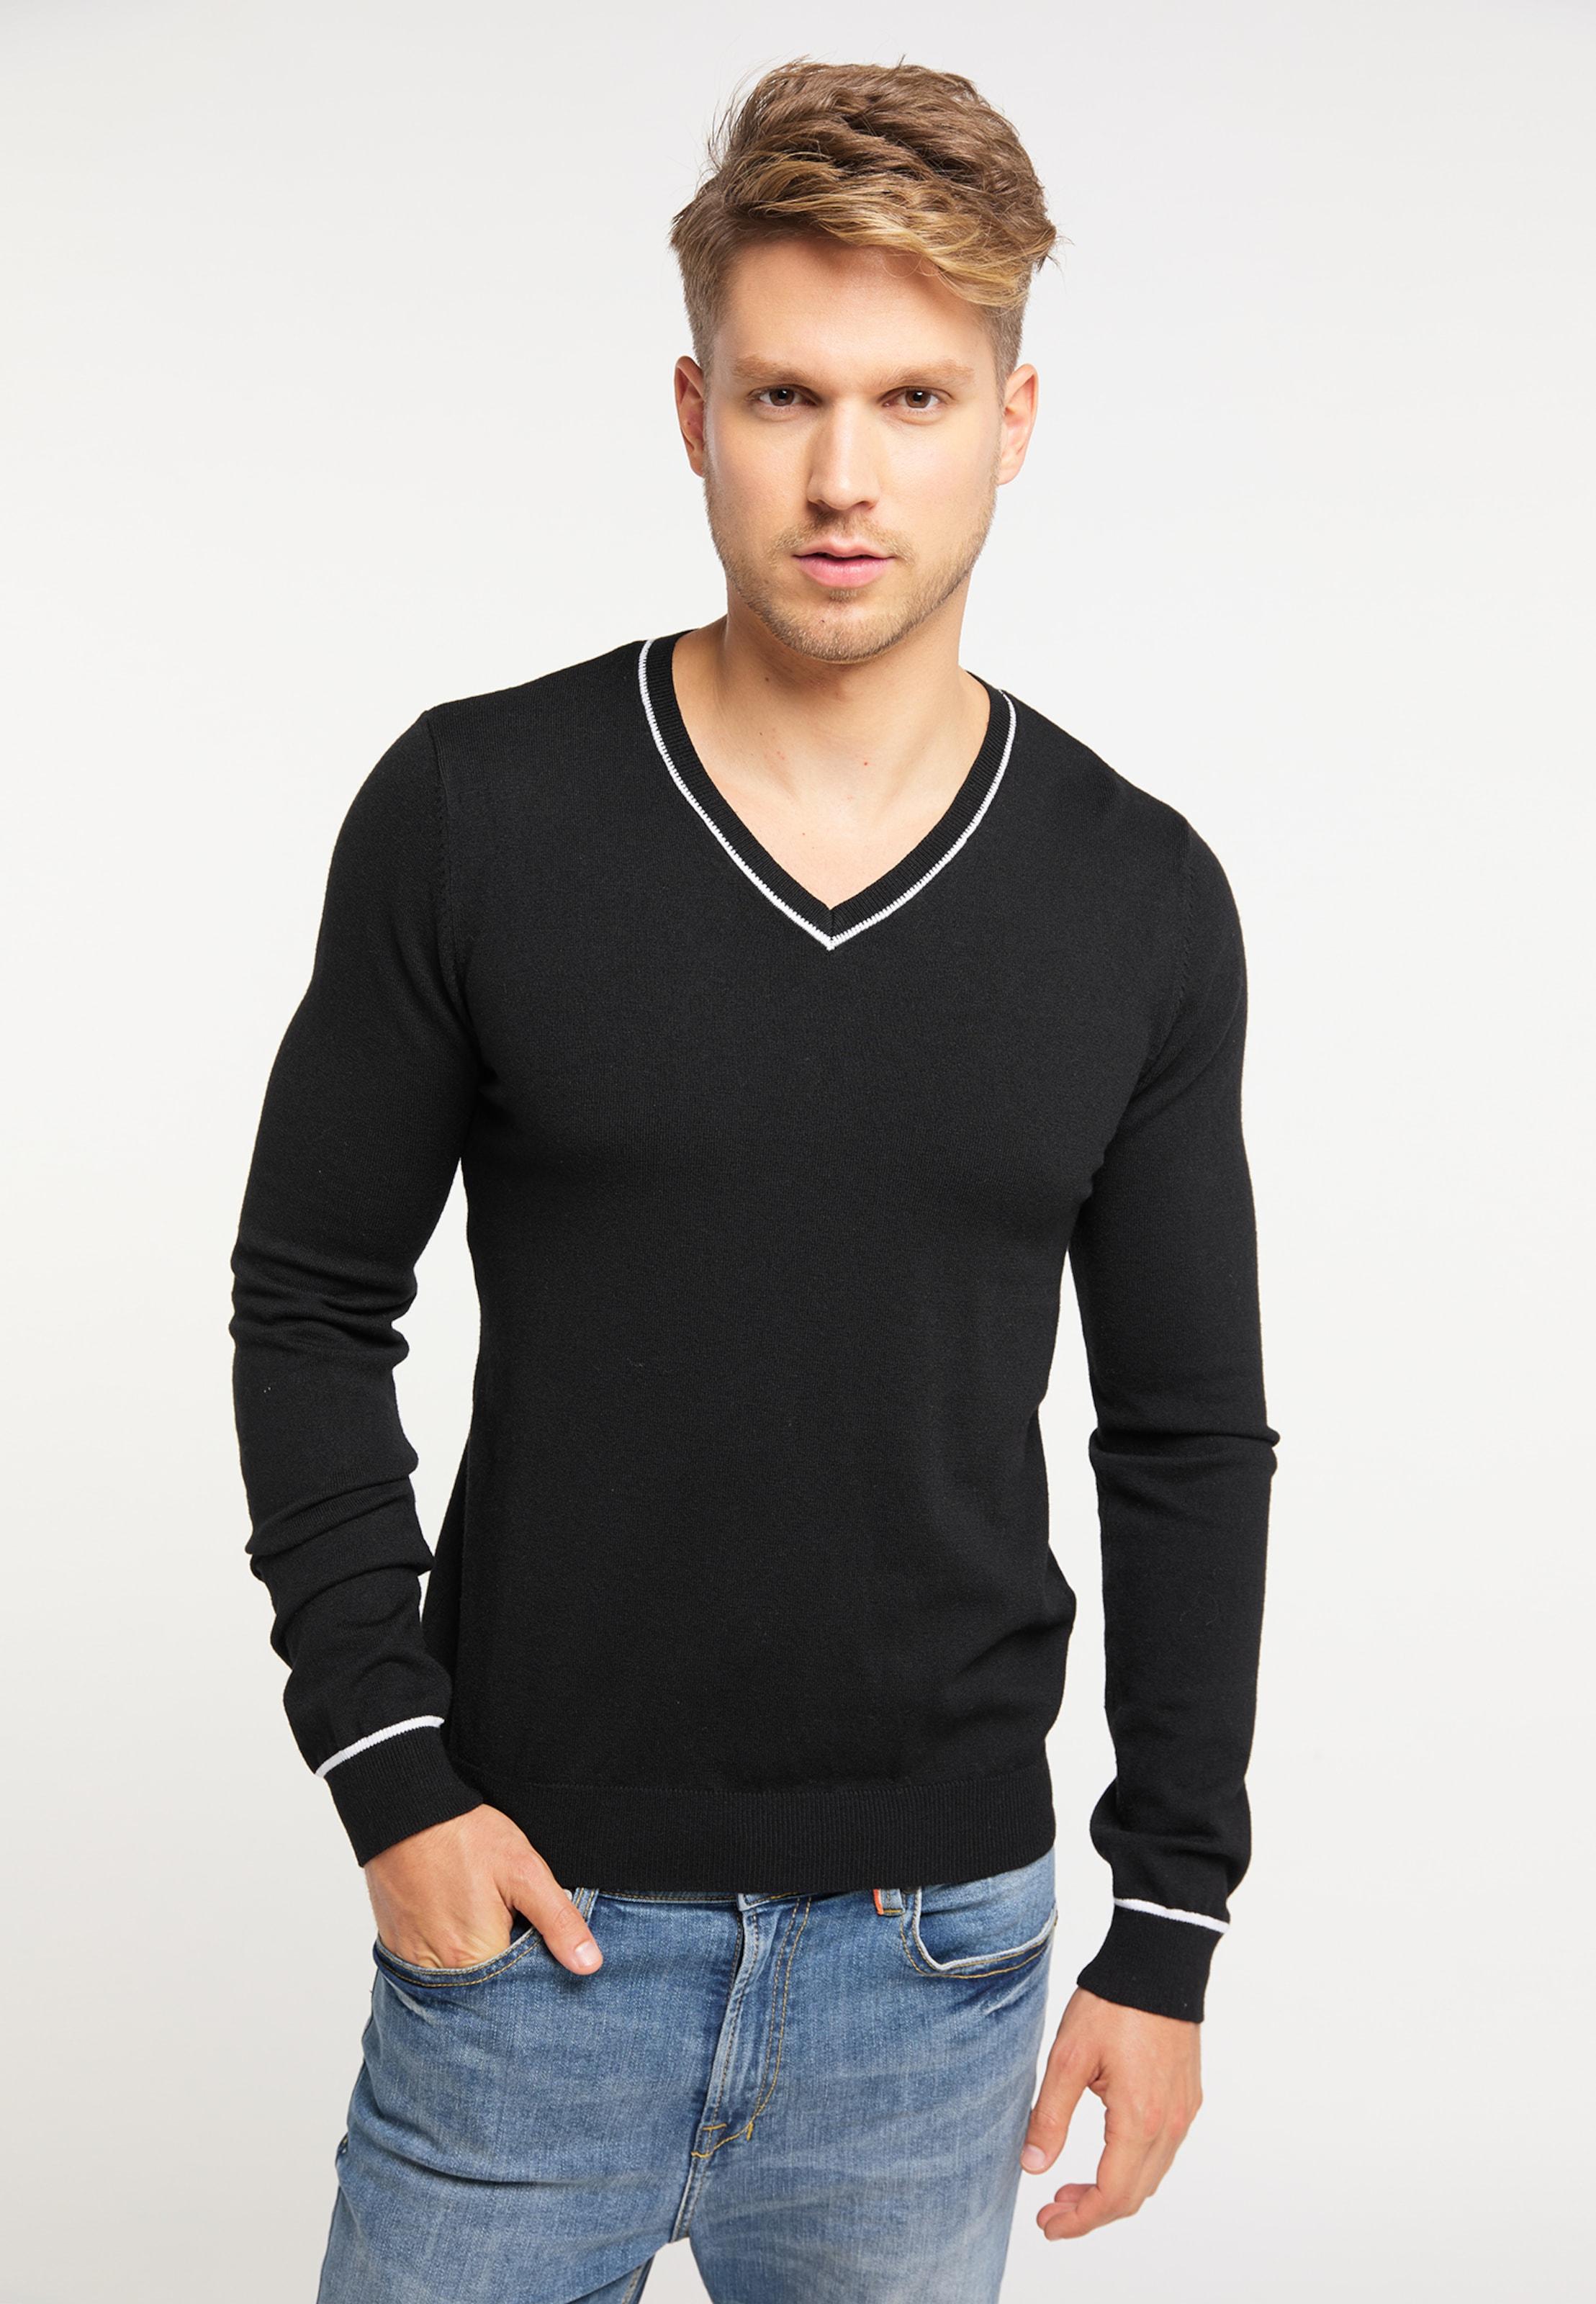 MO Pullover in schwarz / weiß Unifarben 4059275513889